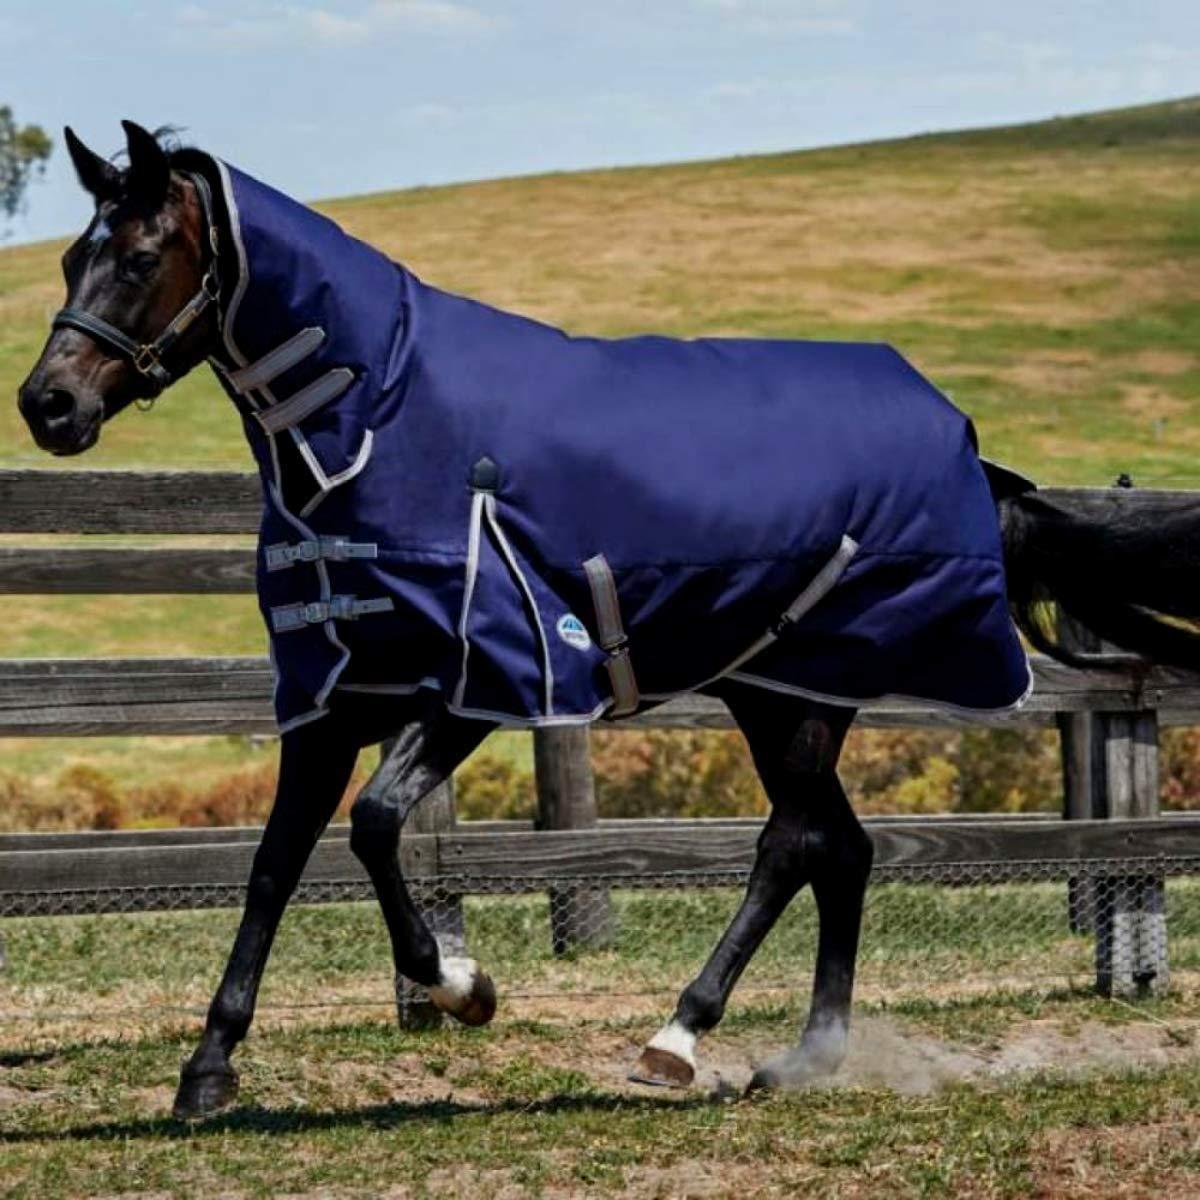 (ウェザビータ) Weatherbeeta 馬用 Comfitec Lite プラス エッセンシャル コンボ ネックカバー付き ターンアウトラグ 馬着 乗馬 ホースライディング 【海外直送】